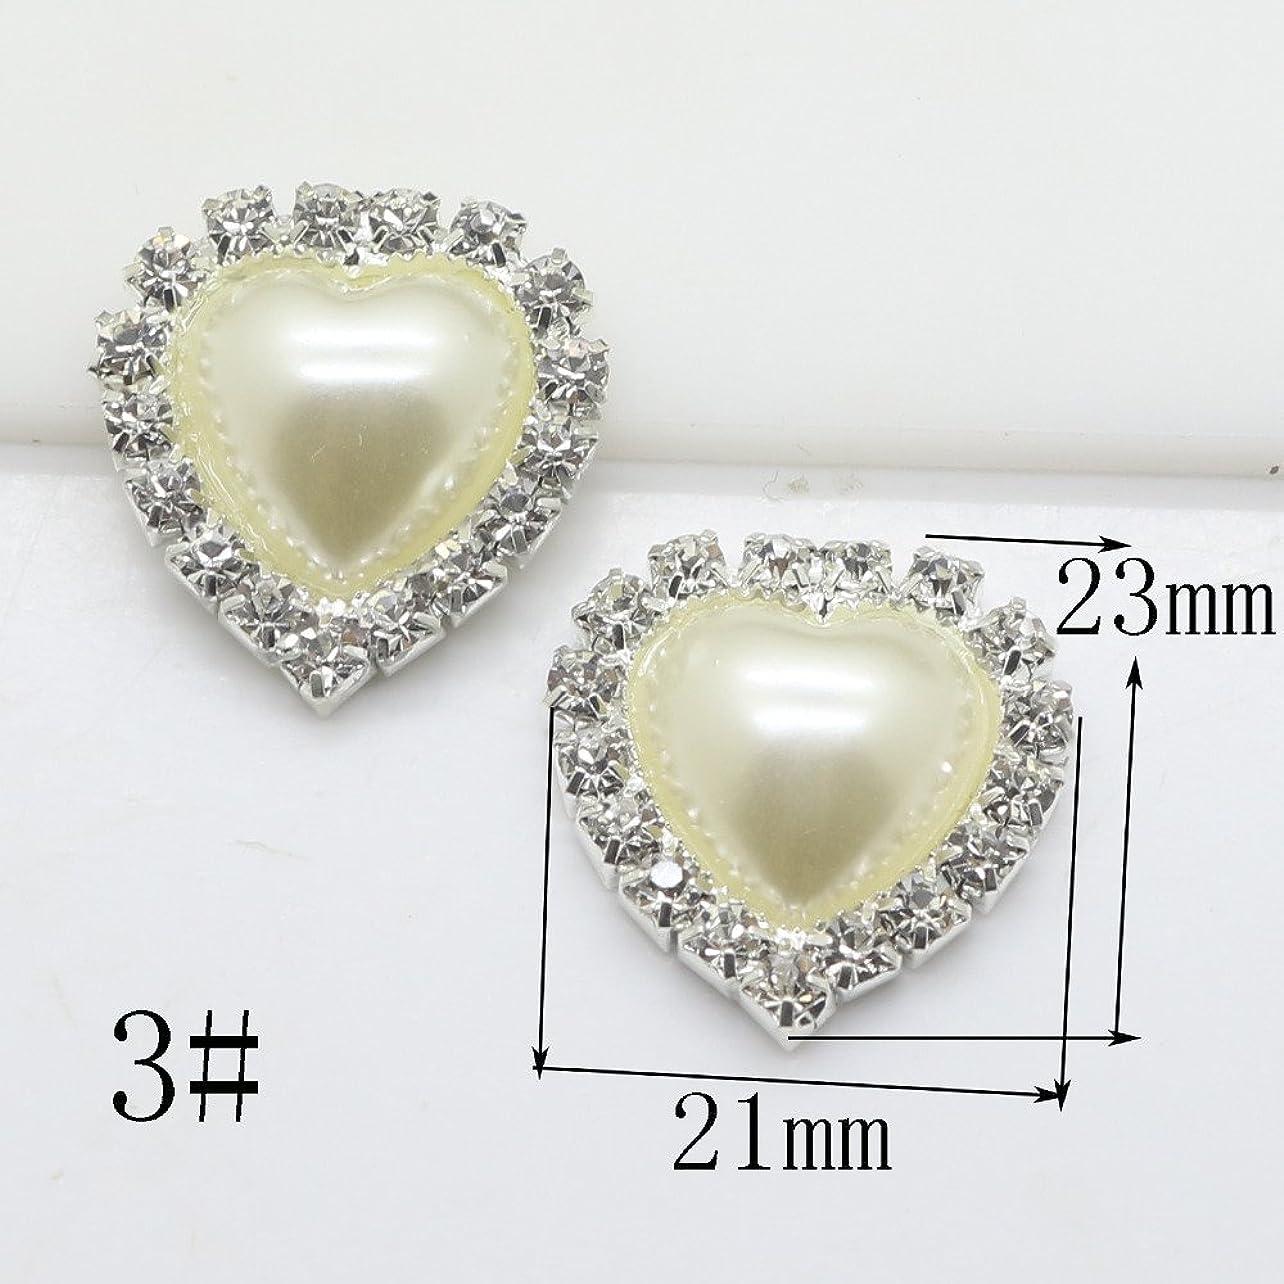 ラッカス葉巻器具Propenary - 10PCアイボリーパールラインストーンボタン金属の結婚式の招待状は、ボタンインチキヘアフラワーセンタースクラップブックを飾ります